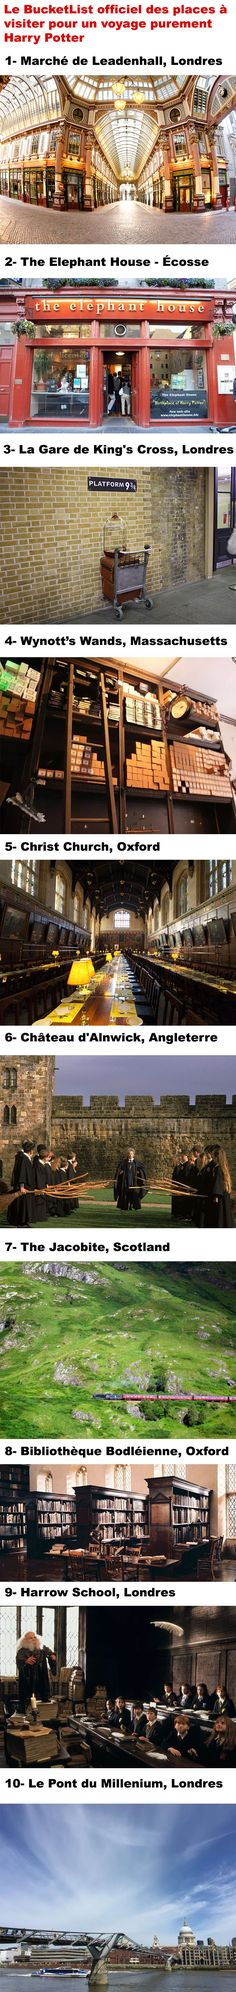 Le BucketList officiel des places à visiter pour un voyage purement Harry Potter